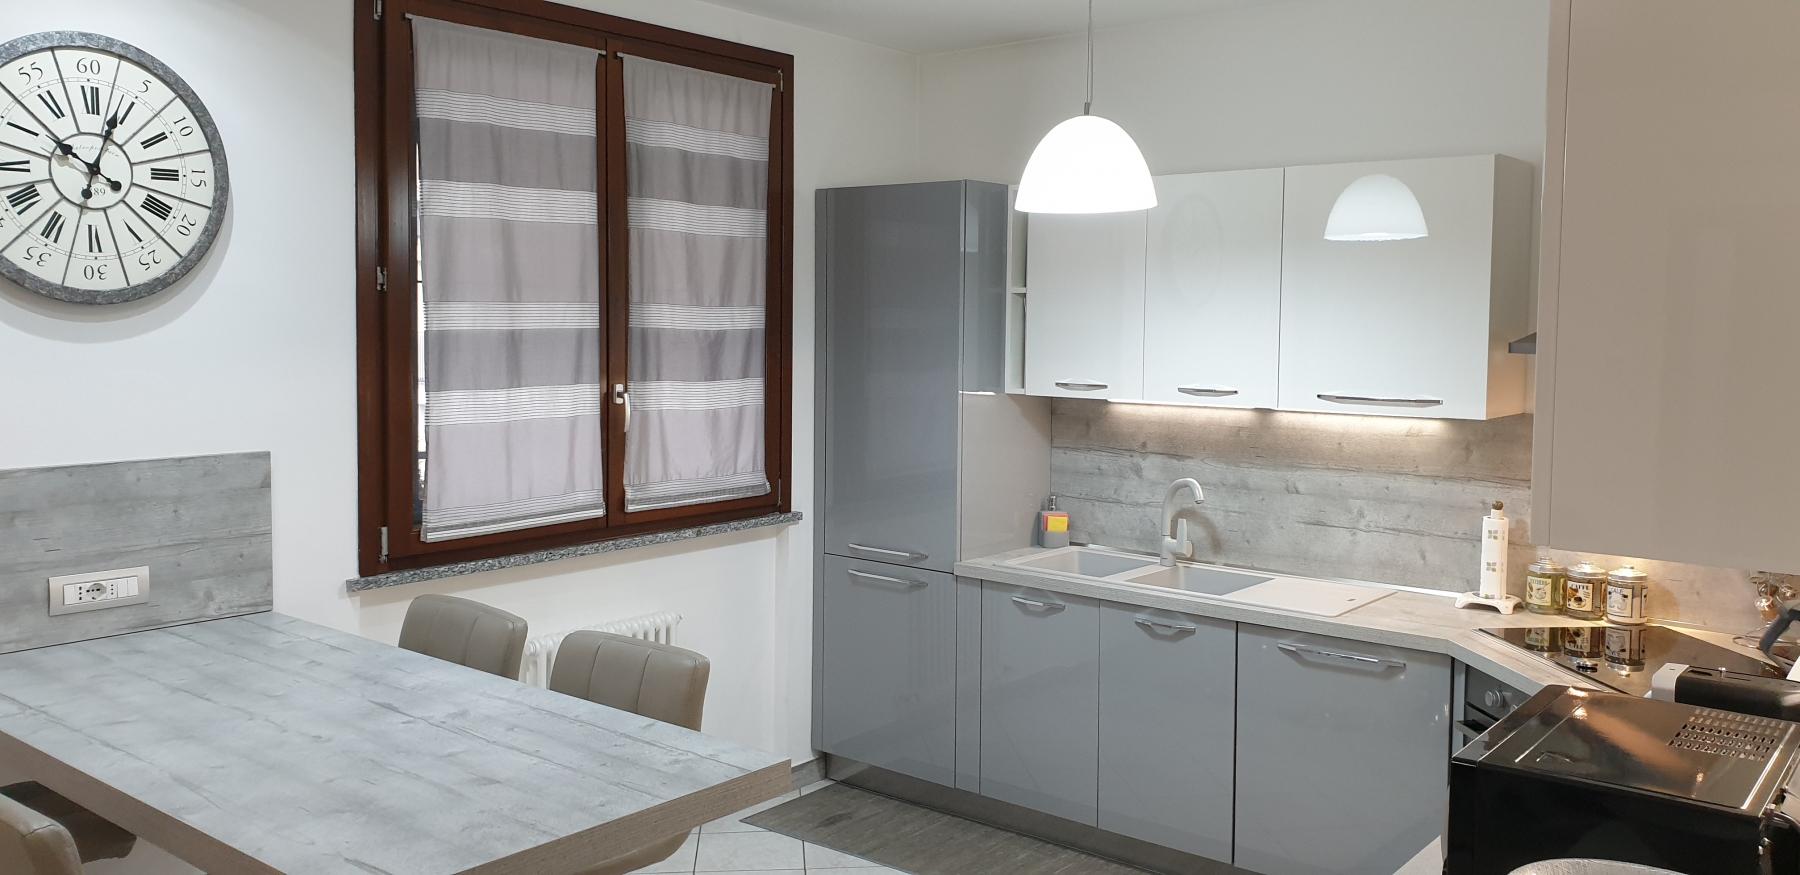 appartamento-in-vendita-trezzano-sul-naviglio-milano-spaziourbano-immobiliare-vende-12